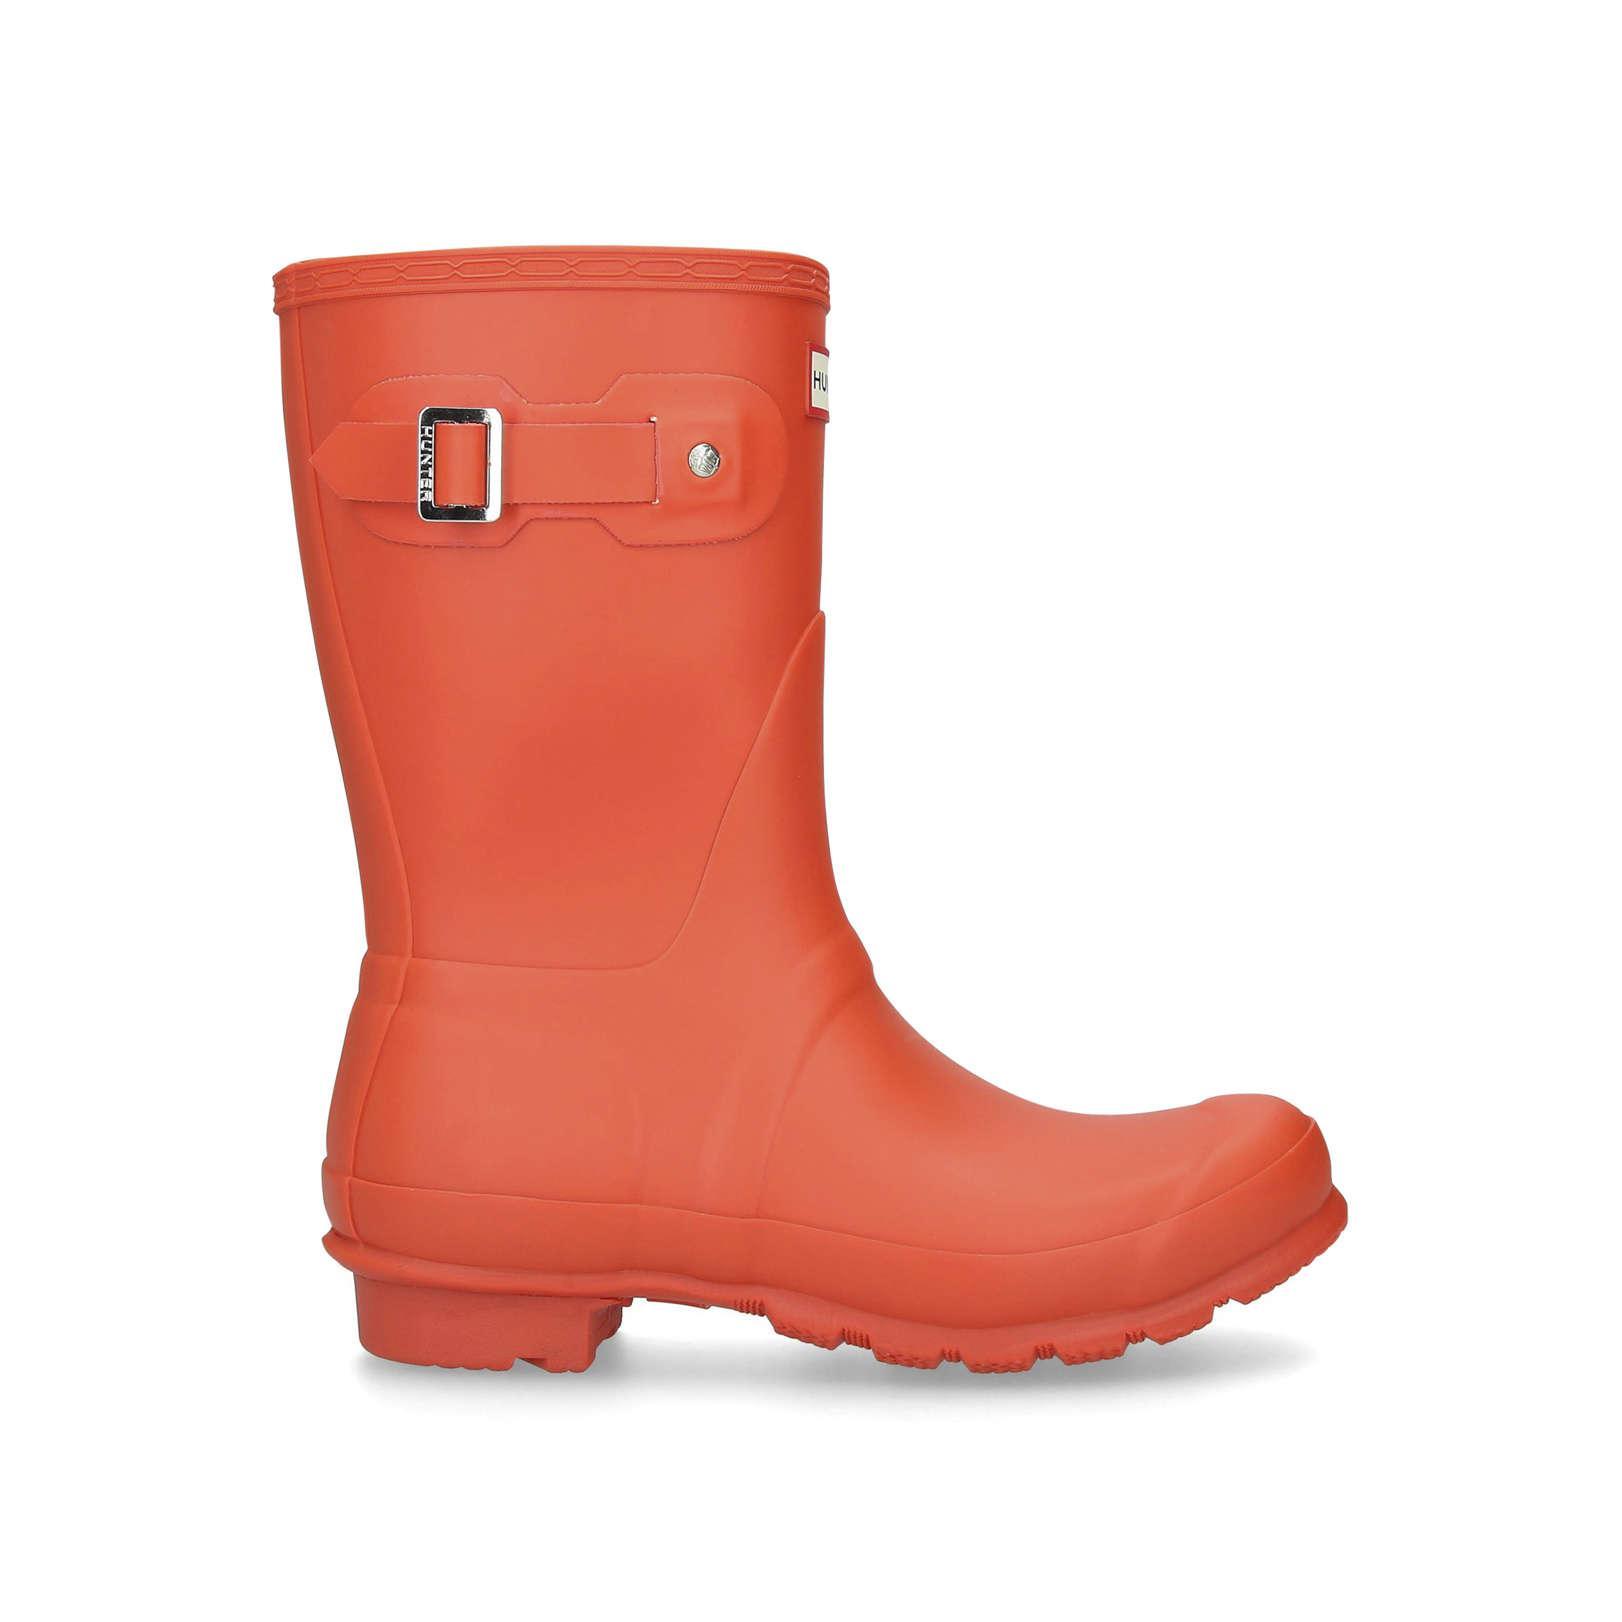 HUNTER Rubber Original Short Matt Women Original Short Matt 91-orange 00215-high Leg Boots